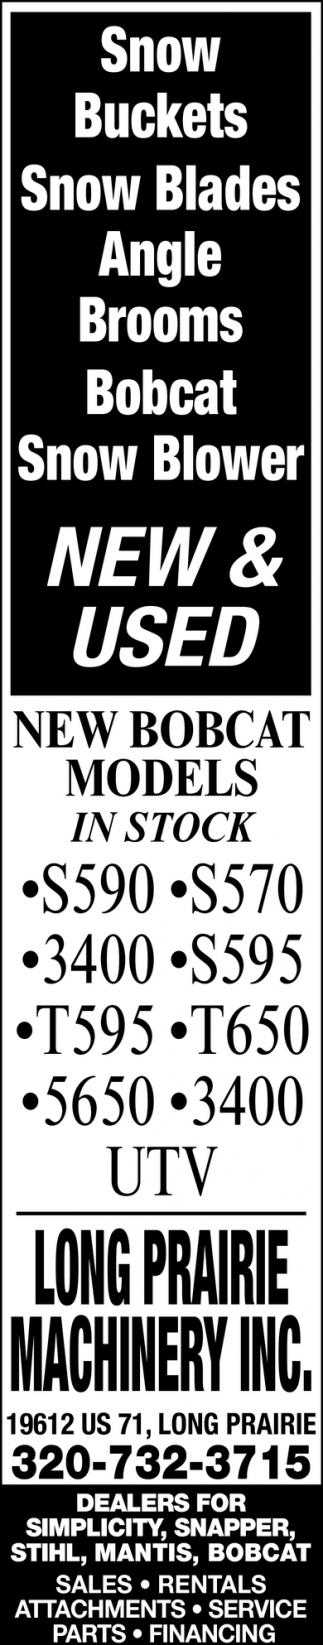 New Bobcat Models in Stock